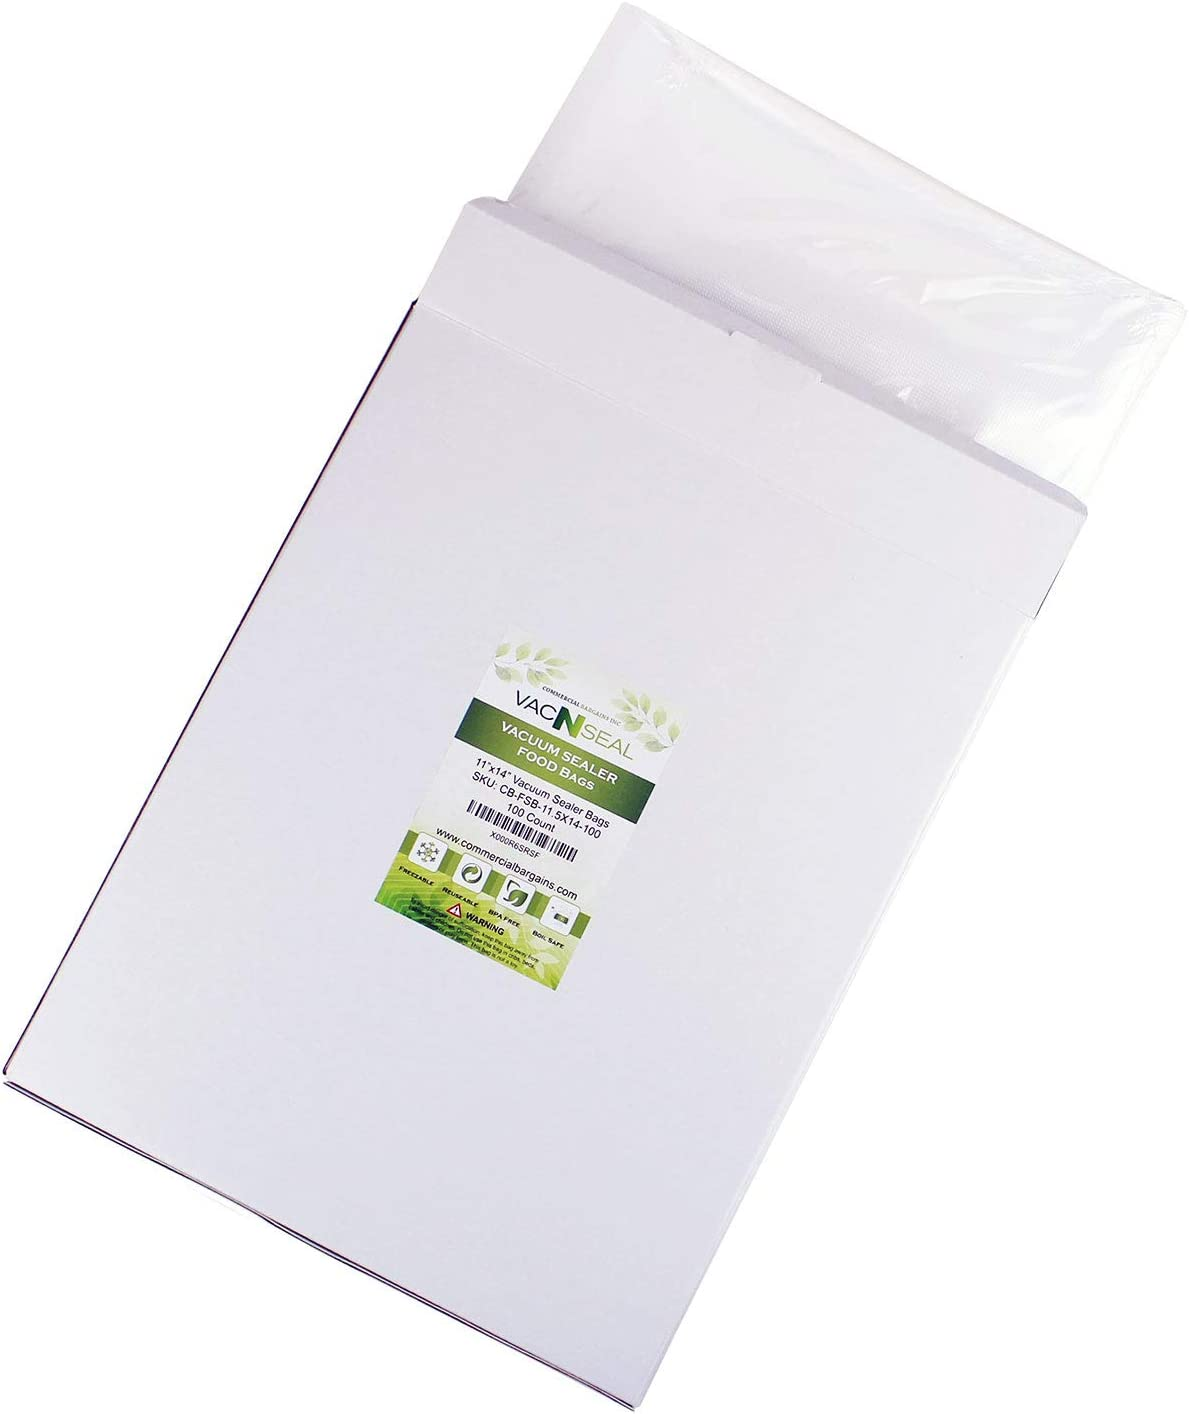 """Commercial Bargains 100 CT 11"""" x 14"""" Vacuum Food Sealer Storage FoodSaver Freezer Bags Gallon Size Sous Vide"""